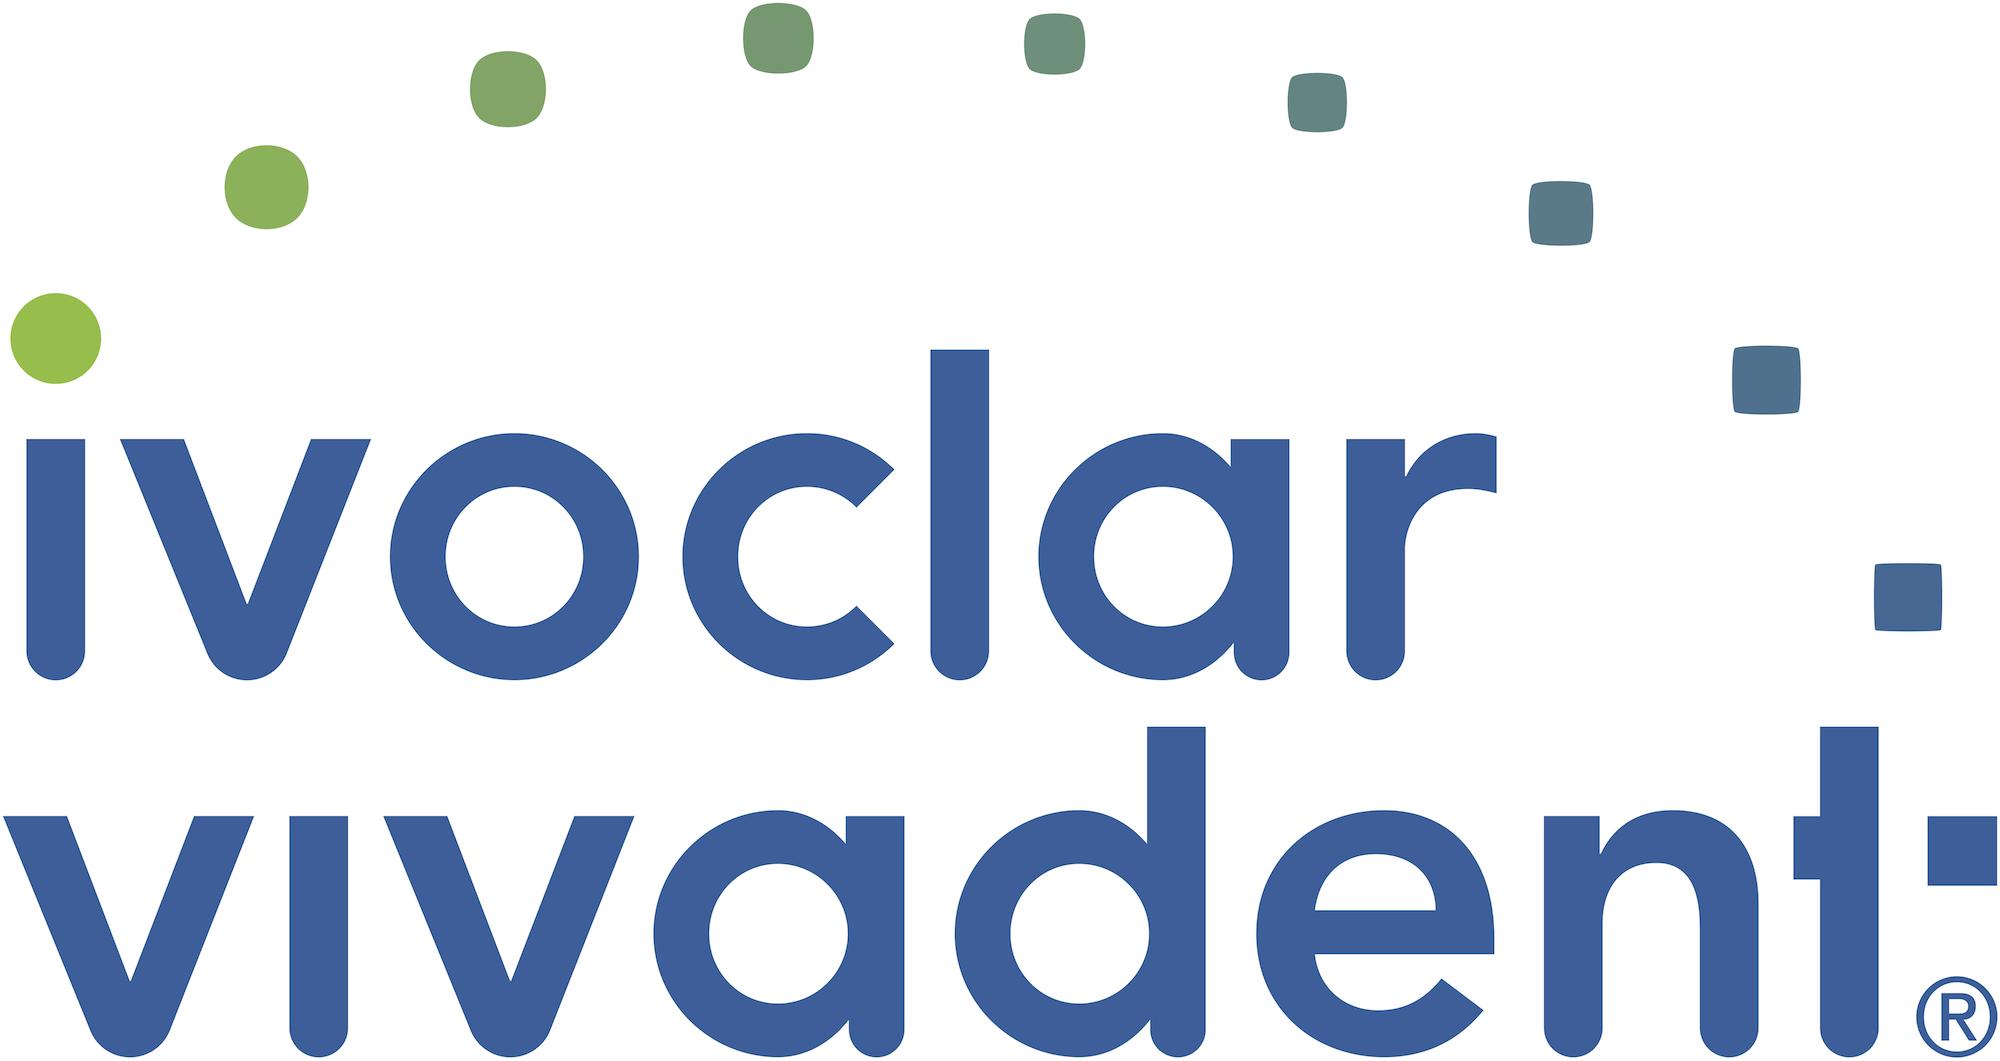 Ivoclar Vivadent logo.